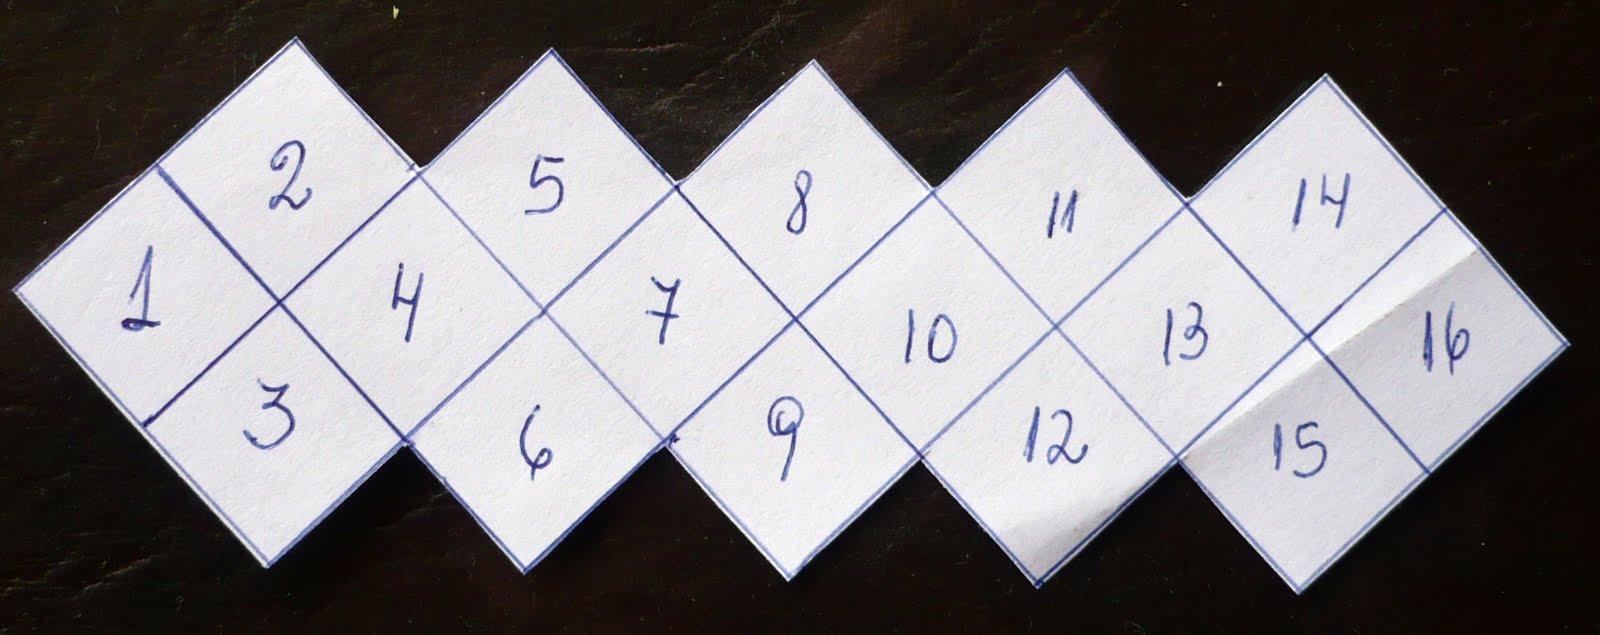 macrame les dejo el grafico y el motivo de union de los cuadrados